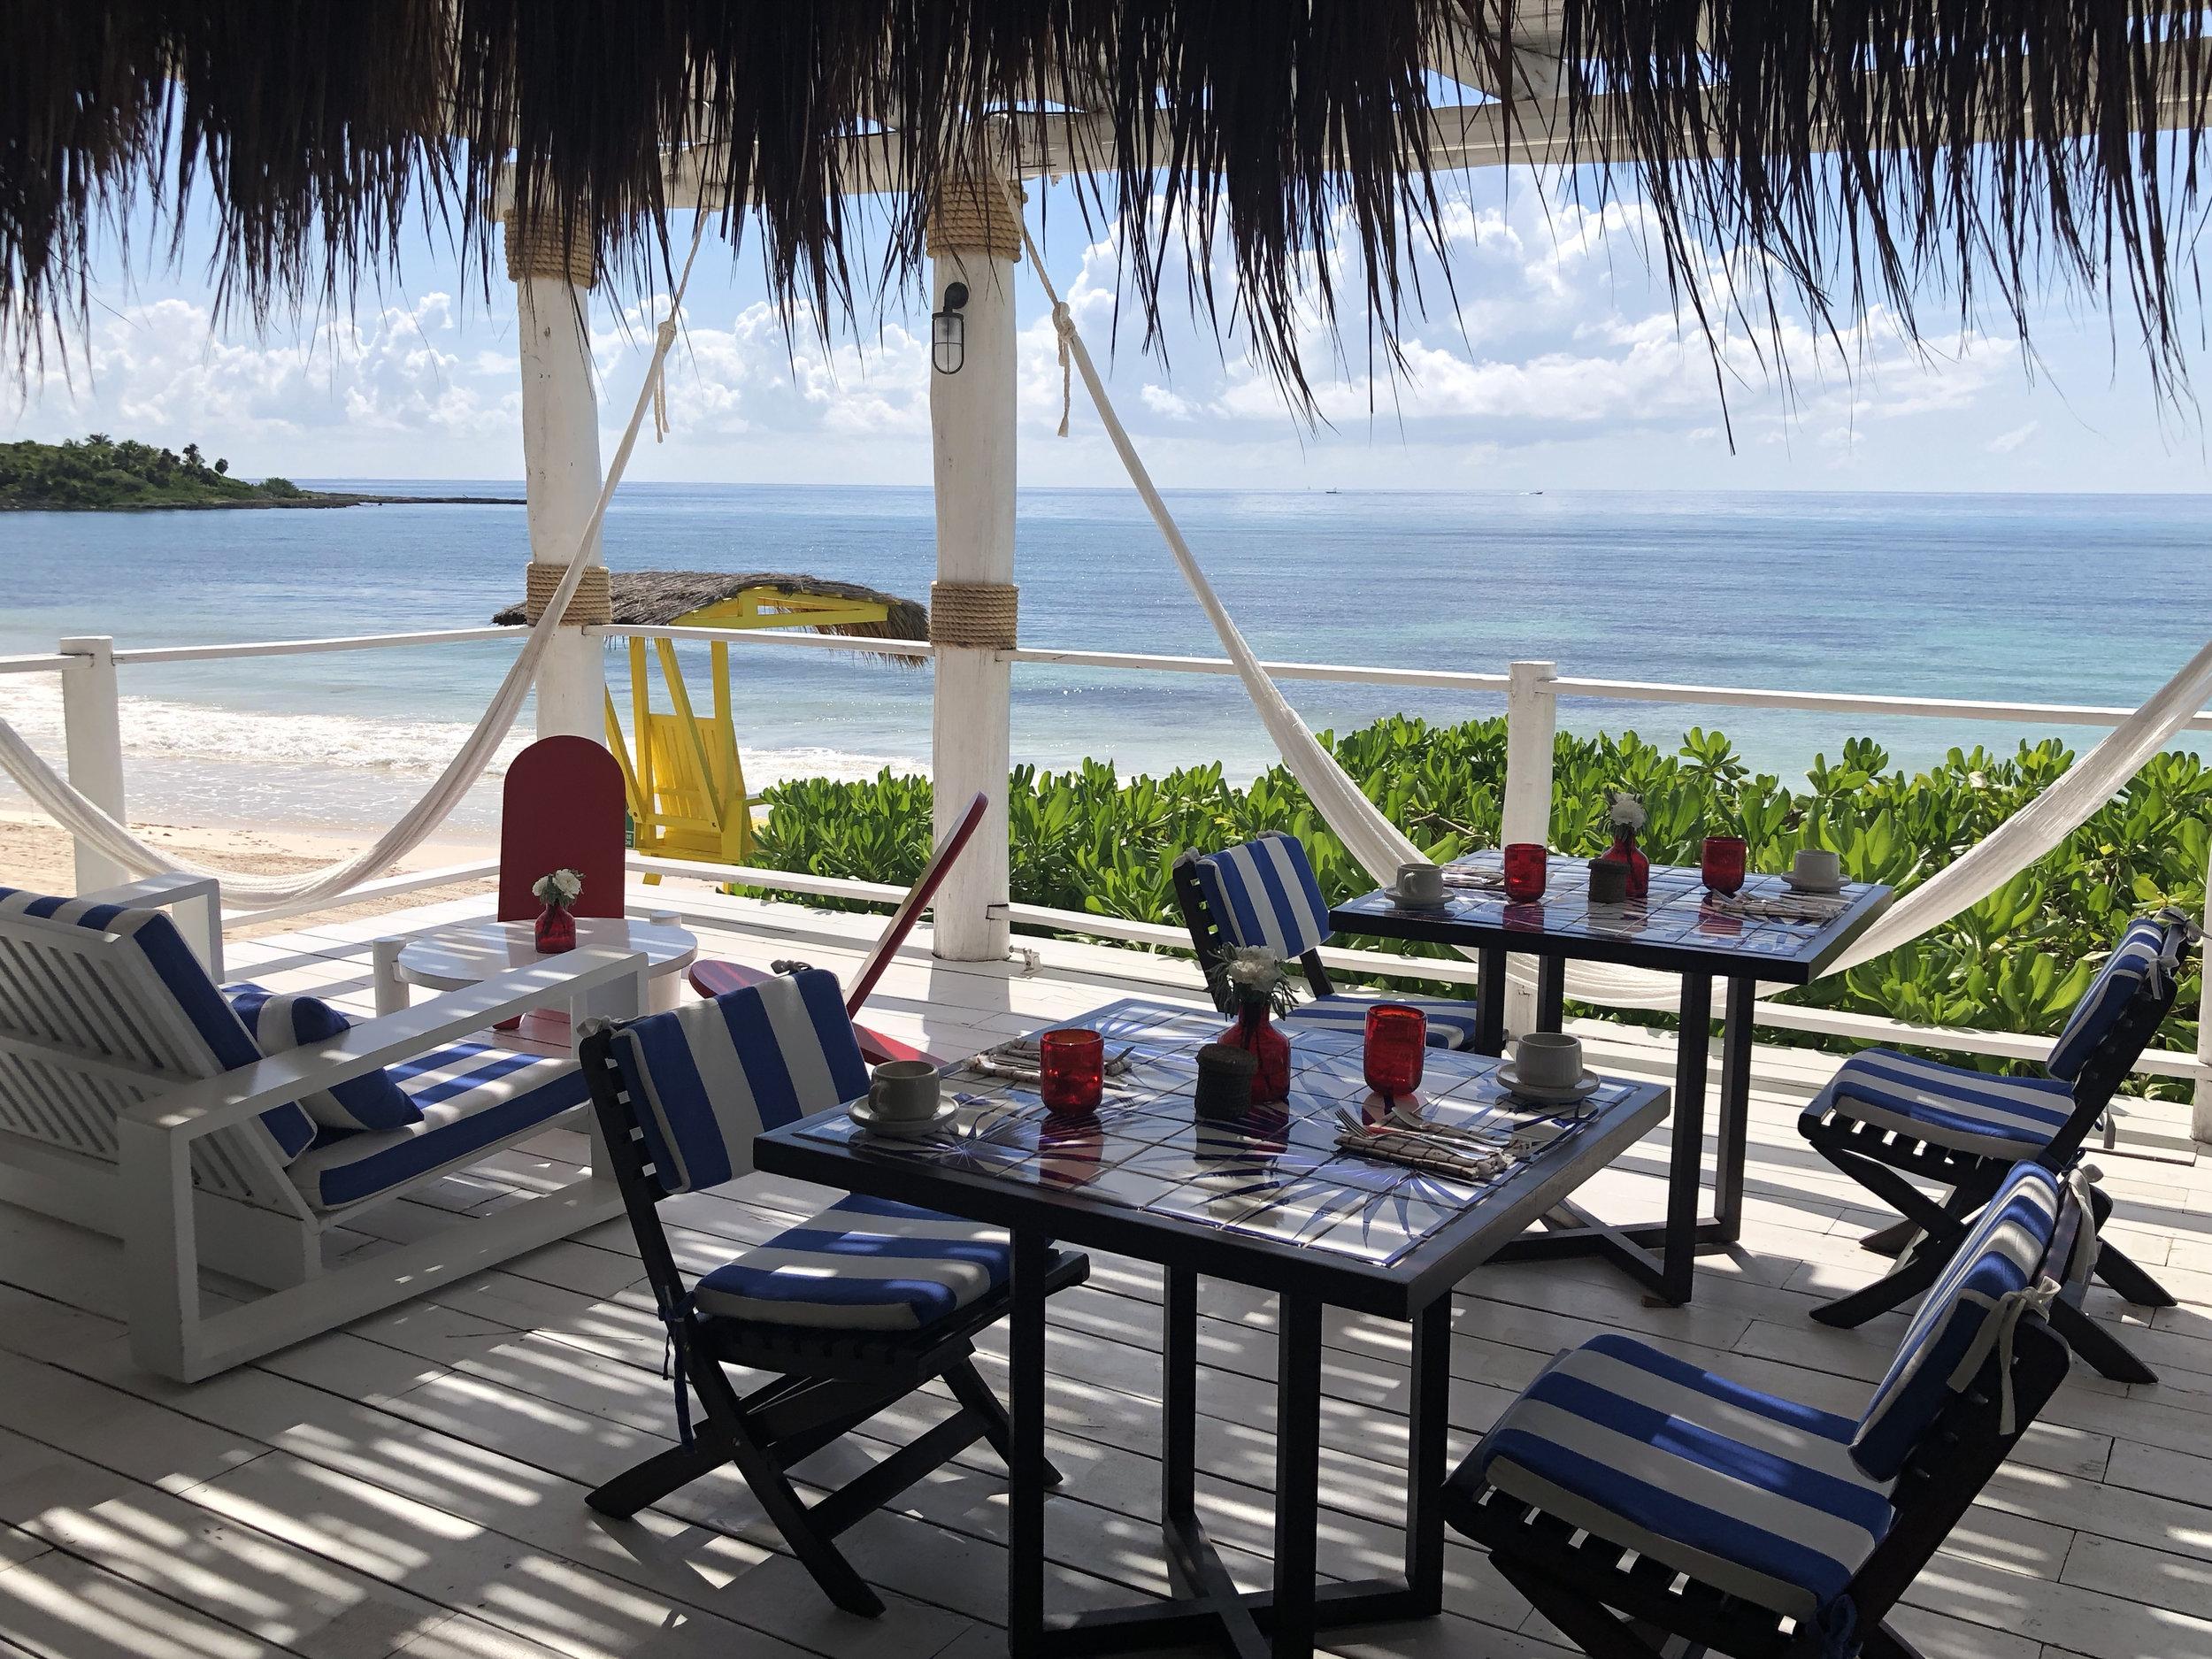 Wanderlust-Travel-blog-Hotel-Esencia-farm-to-table-dining